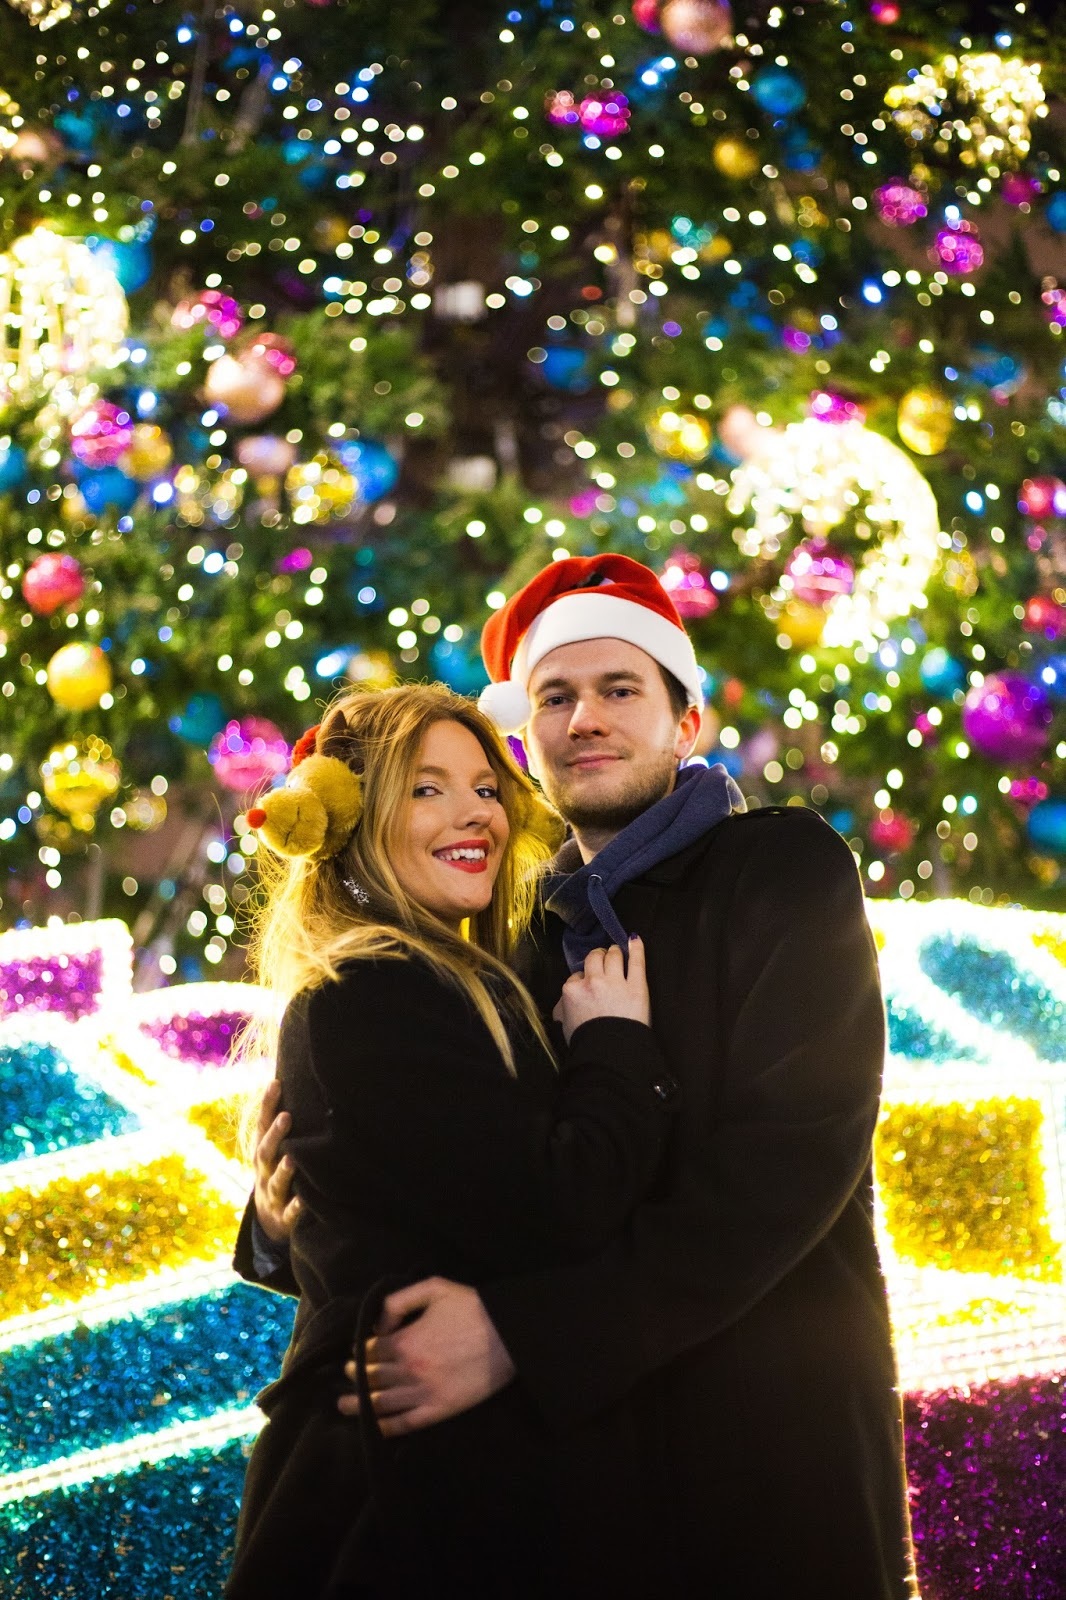 17 jakub0107 fotograf fotografia świąteczne sesje zdjęciowe melodylaniella zima christmas photography blog lifestyle